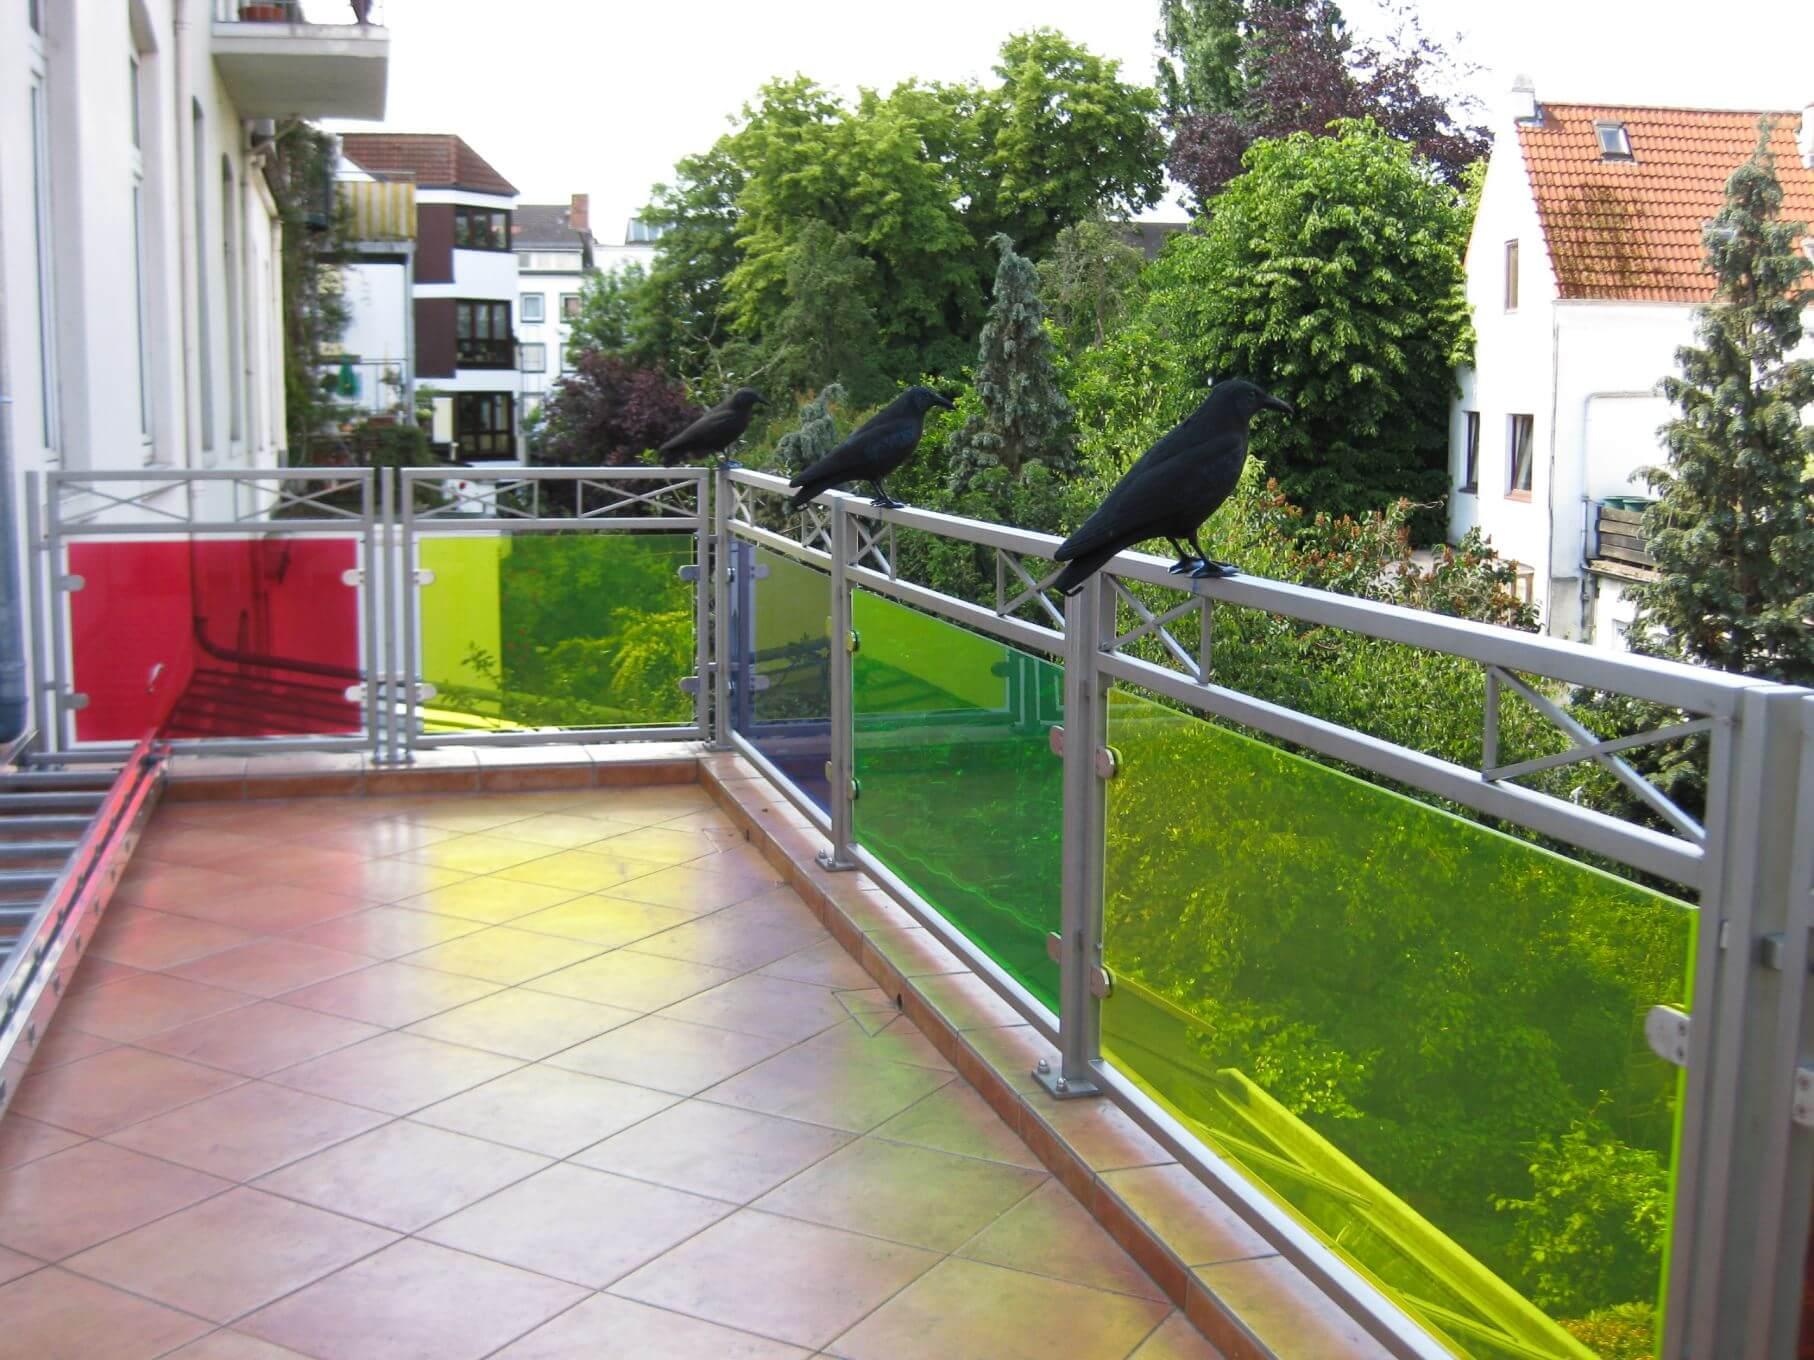 Balkongeländer aus Edelstahl mit eingefärbtem Glas